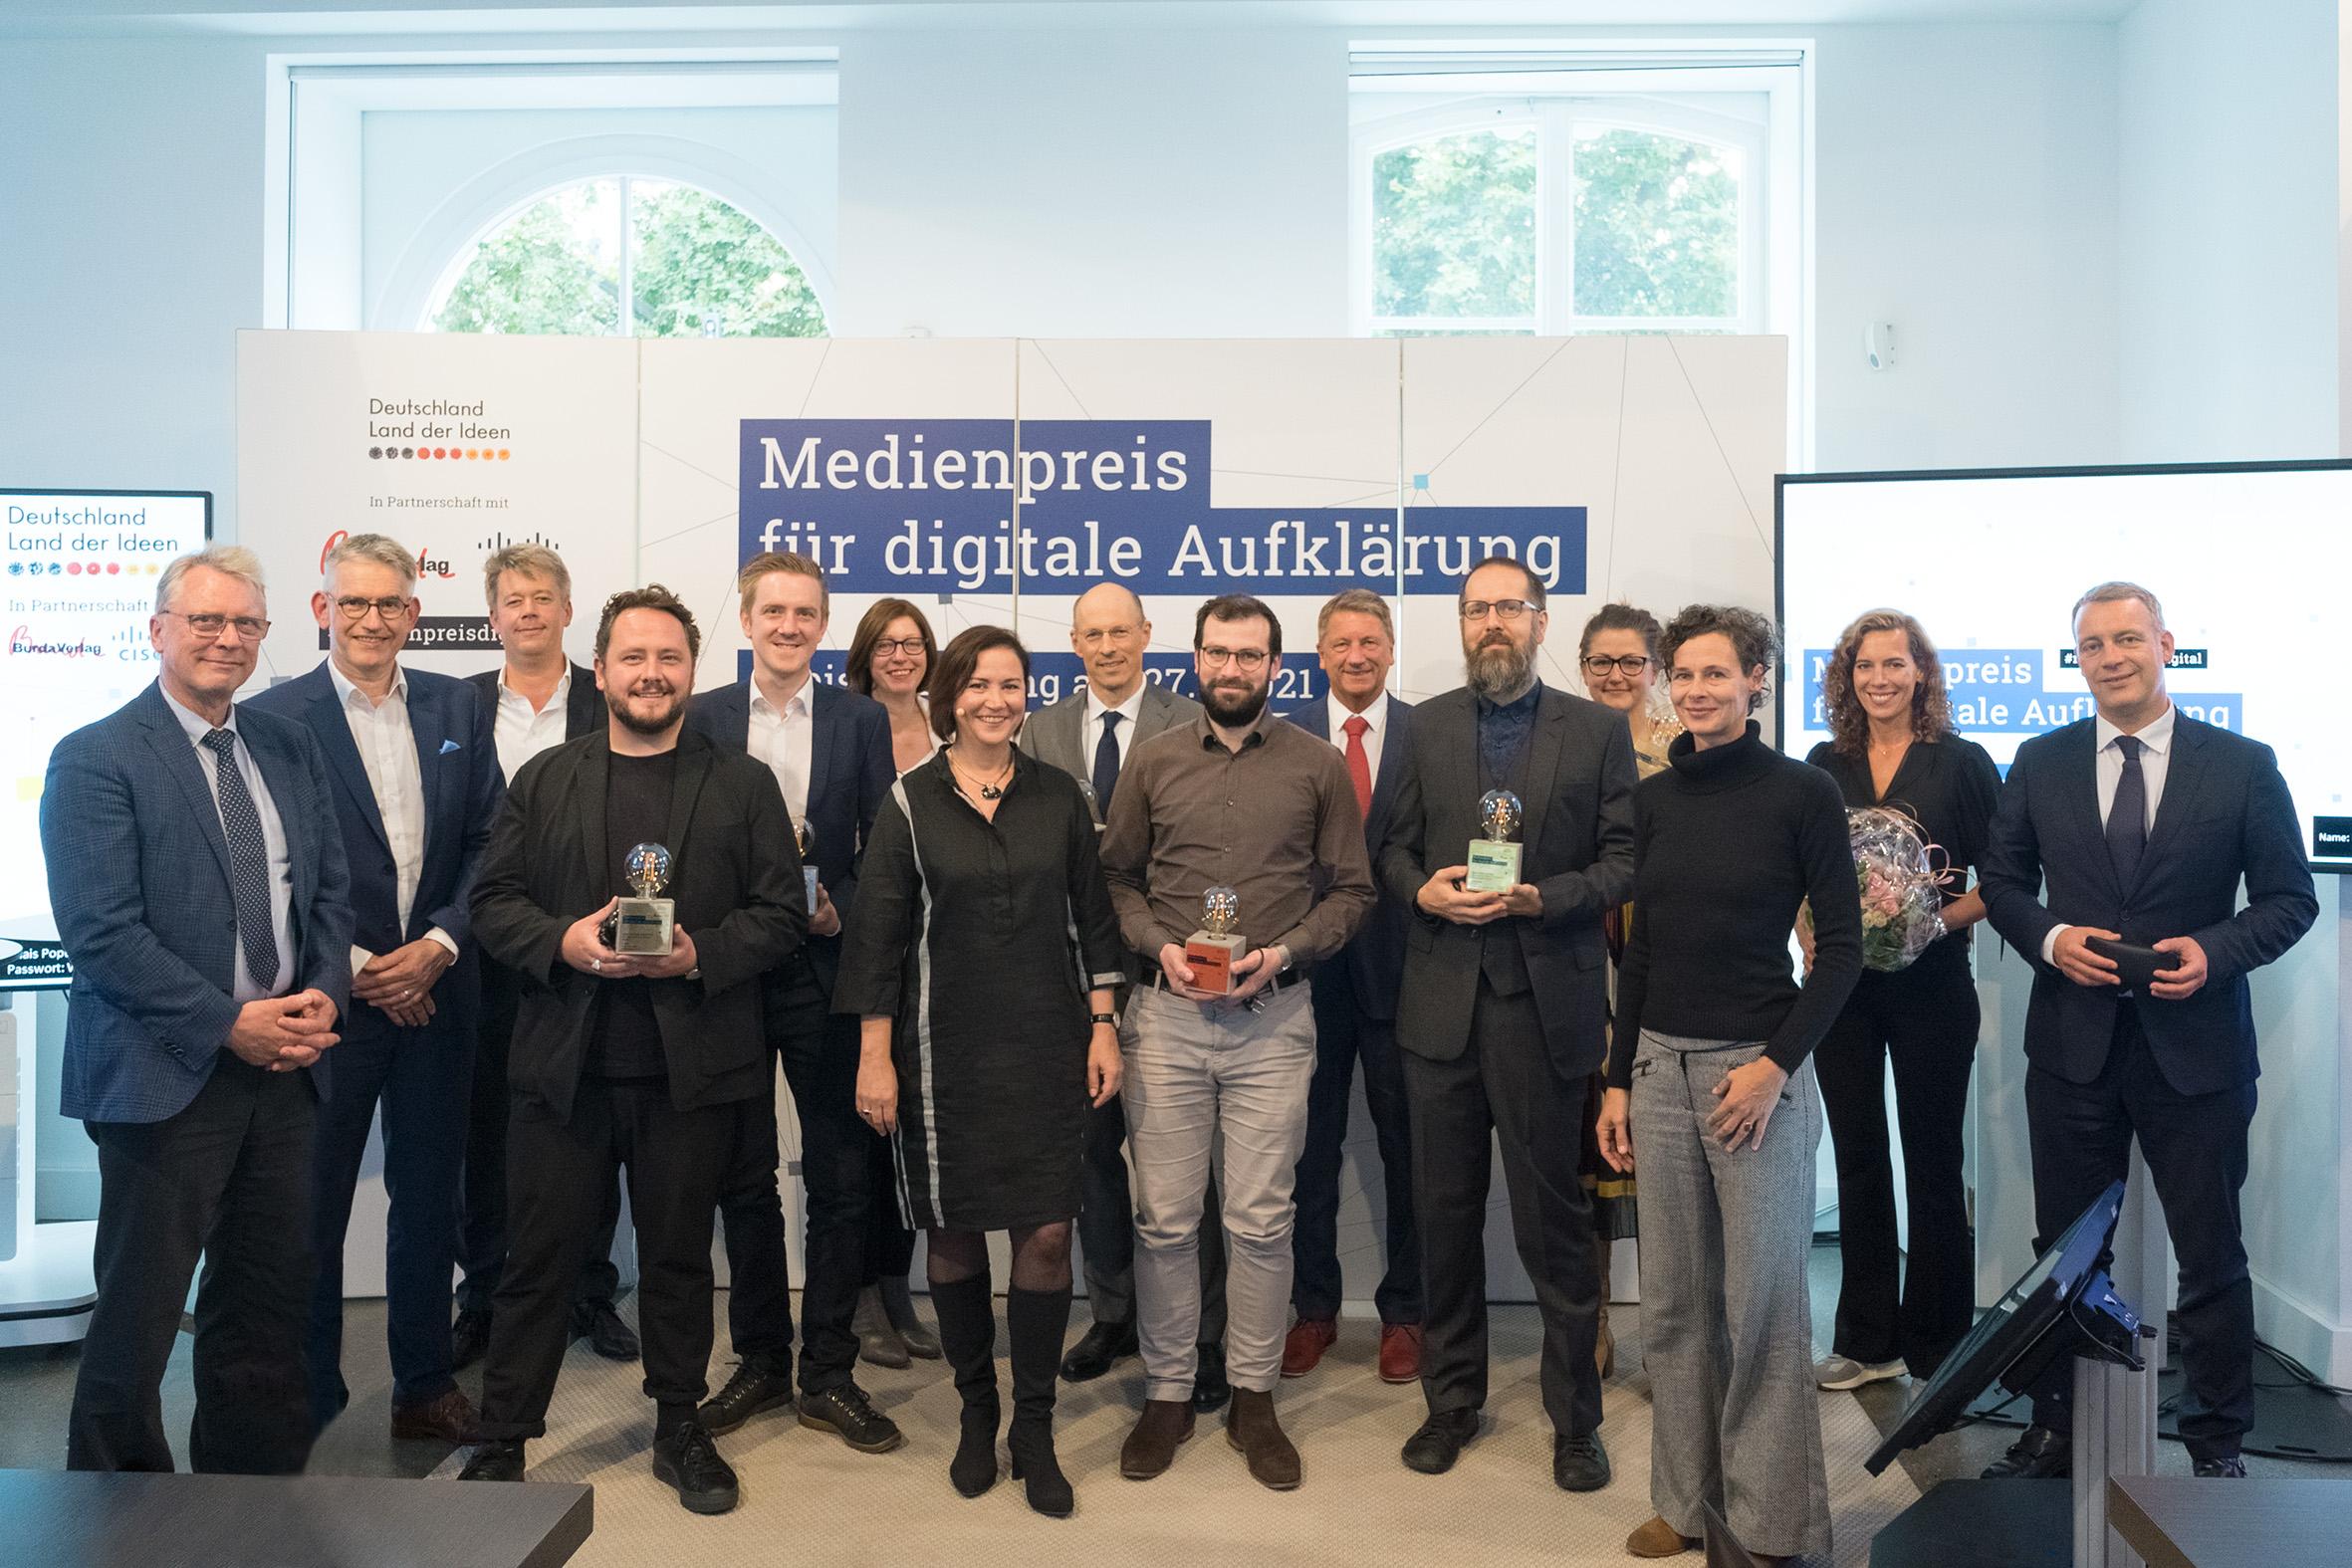 Diese Podcasts gewannen den Medienpreis für digitale Aufklärung